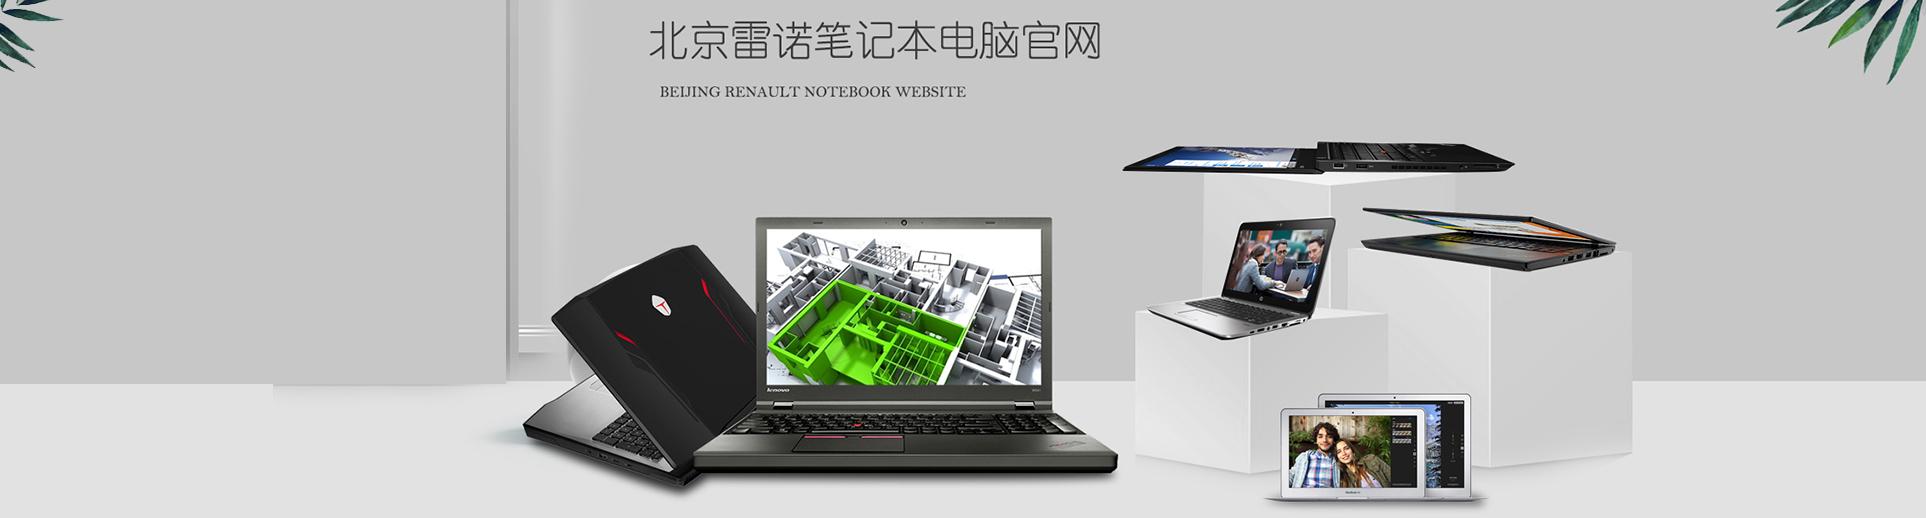 雷诺智信笔记本电脑官网